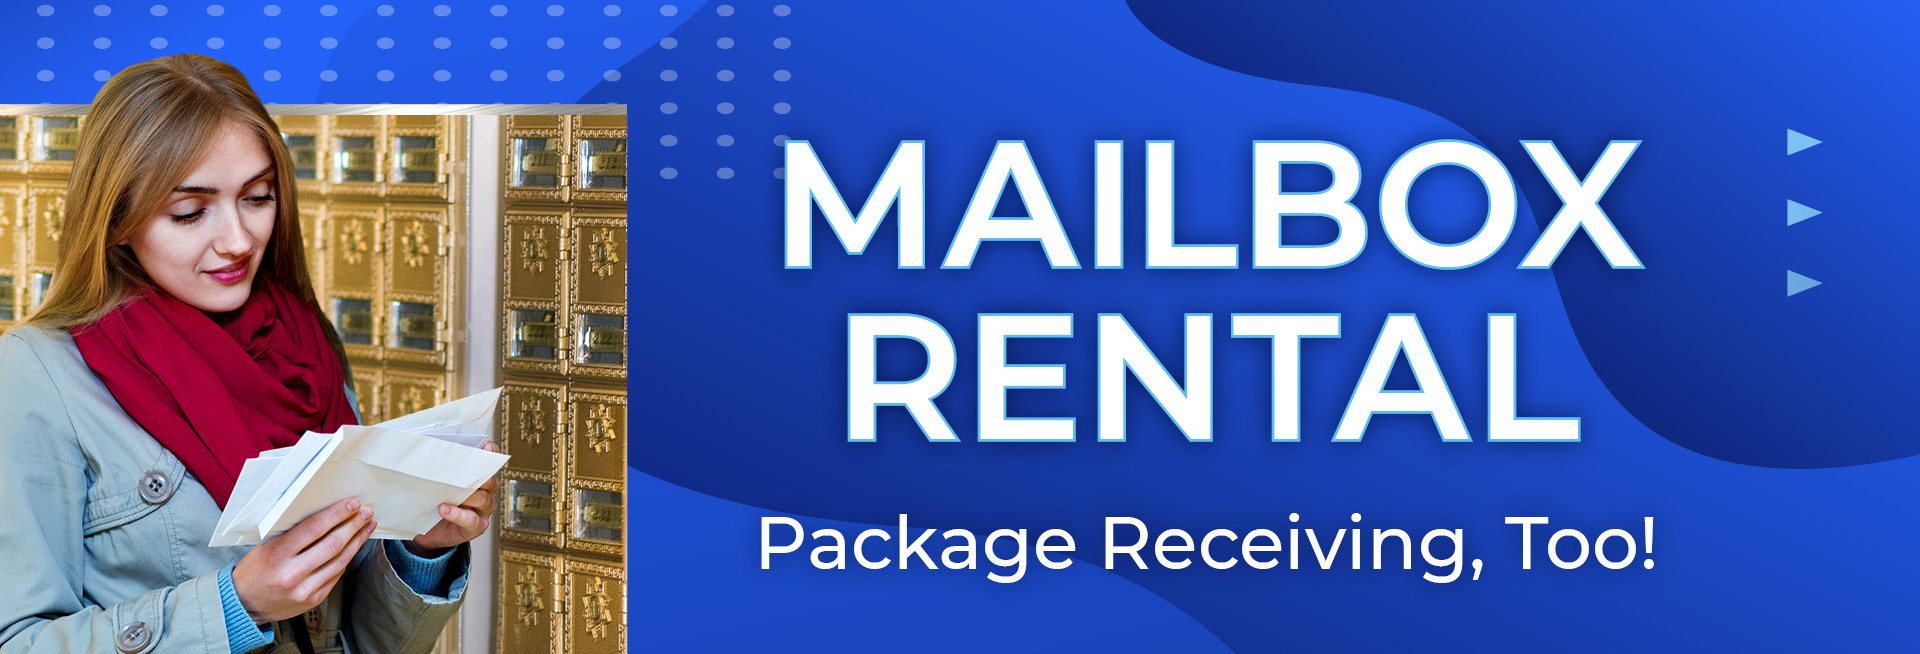 Mailbox Rental - Package Receiving, Too!